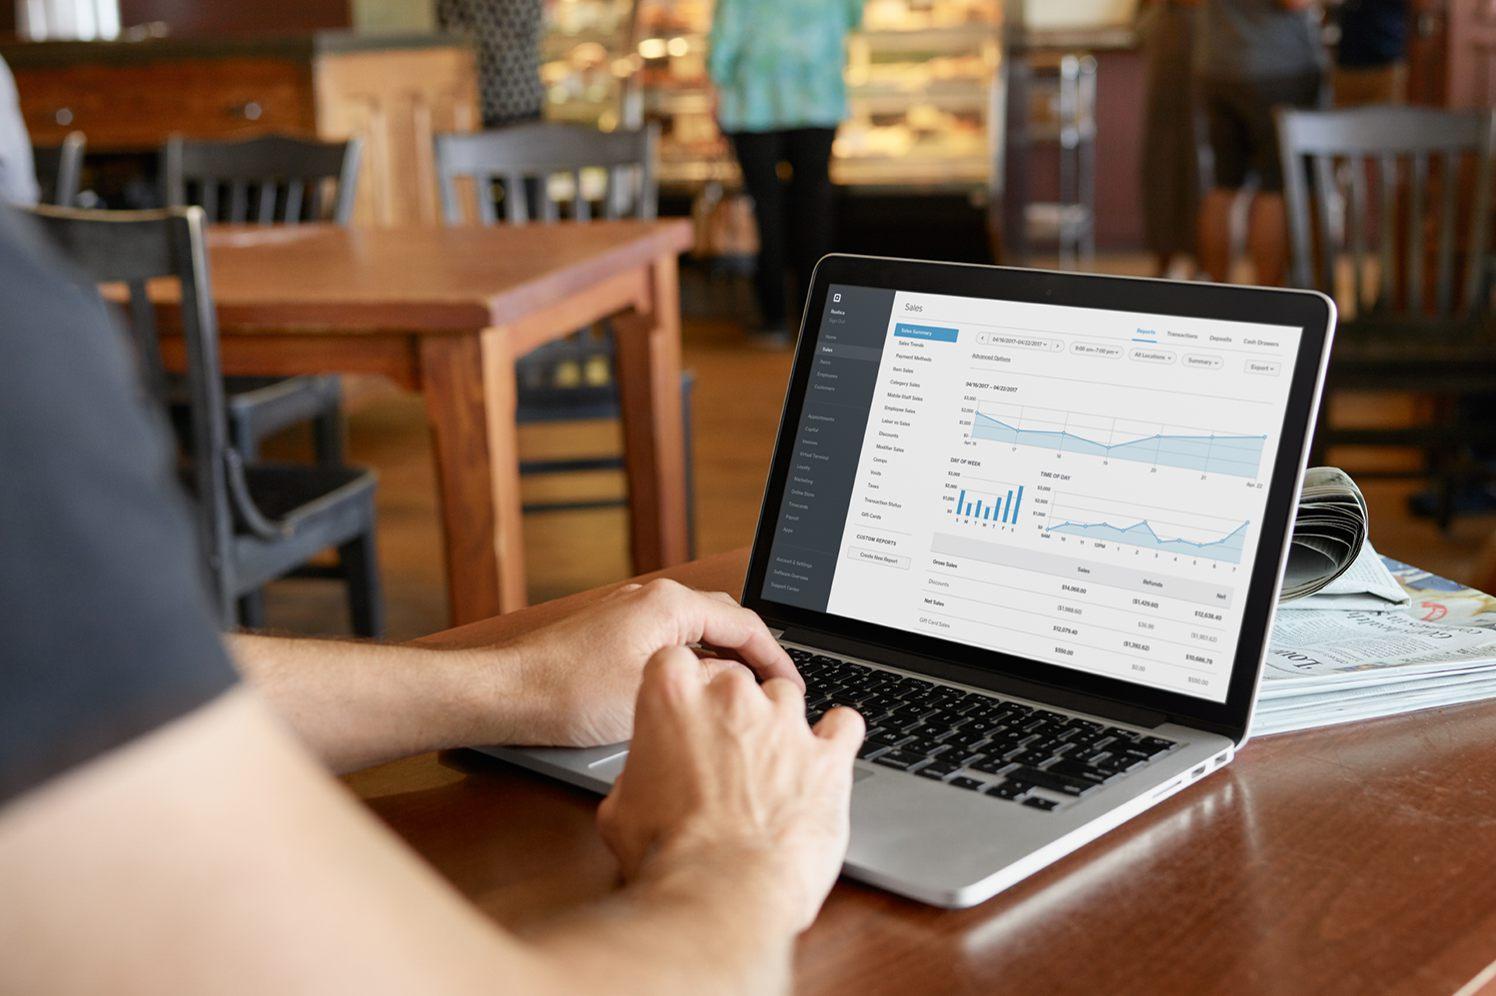 payroll software on an laptop